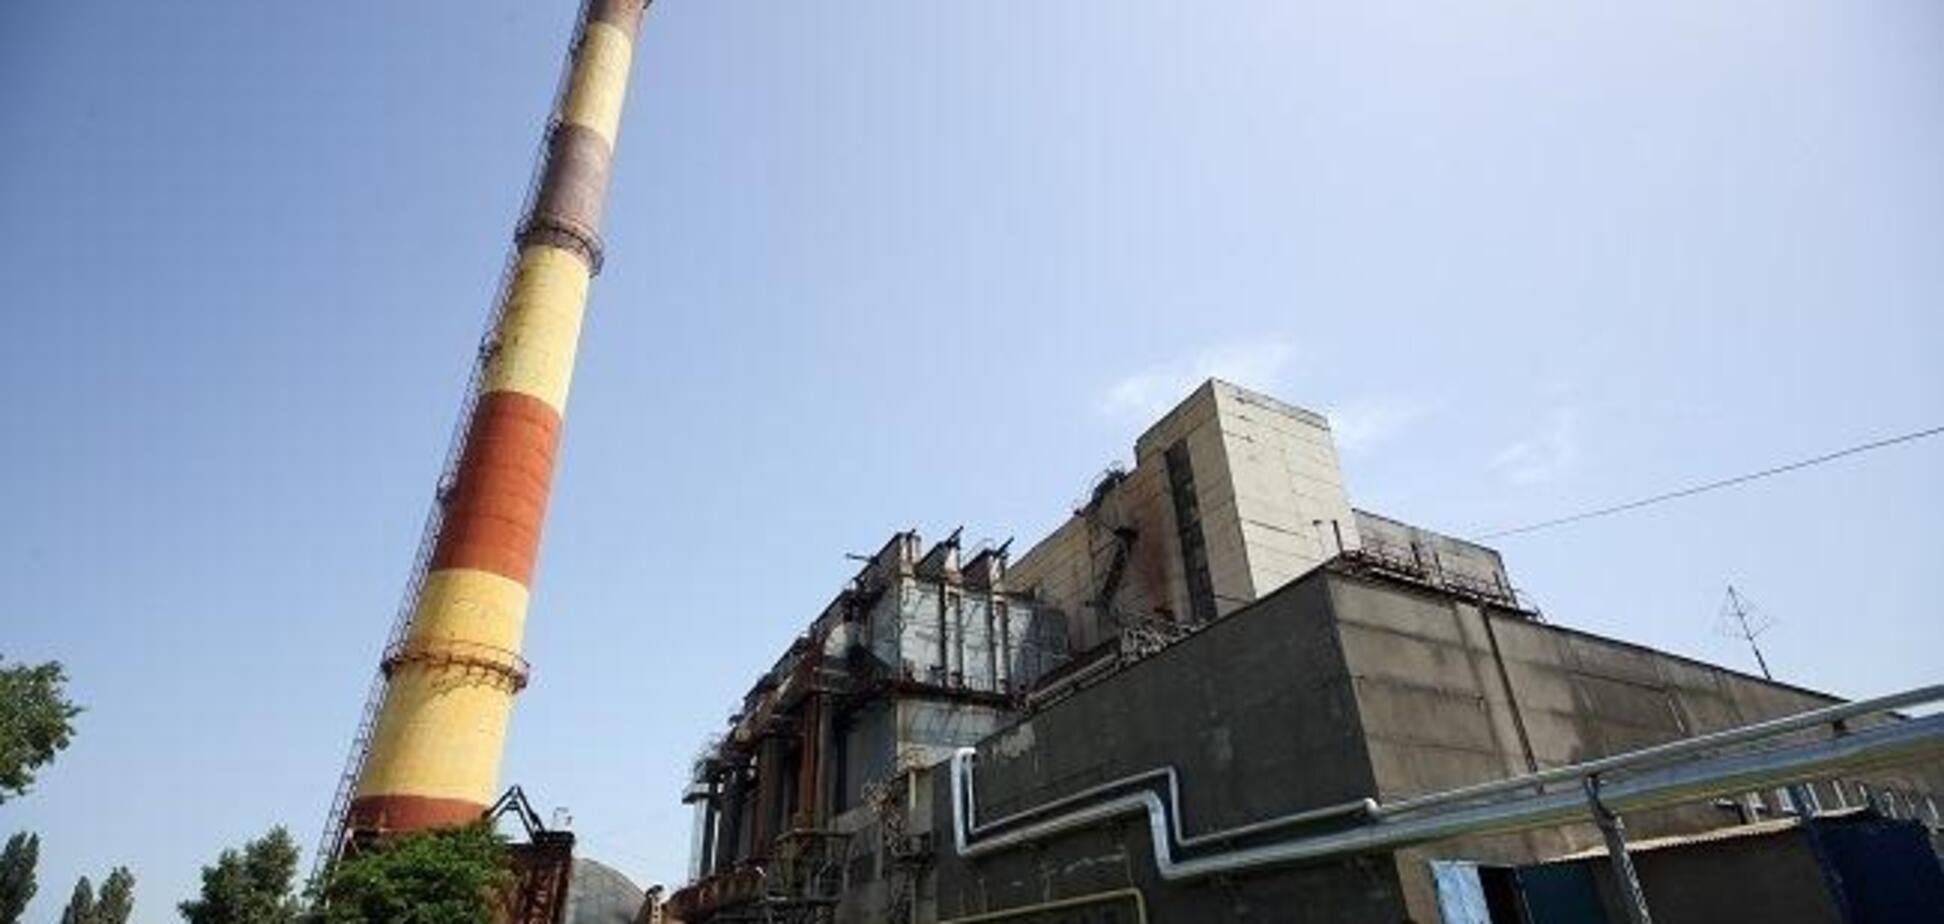 Єдиний в Україні сміттєспалювальний завод більше не приймає відходи: причина